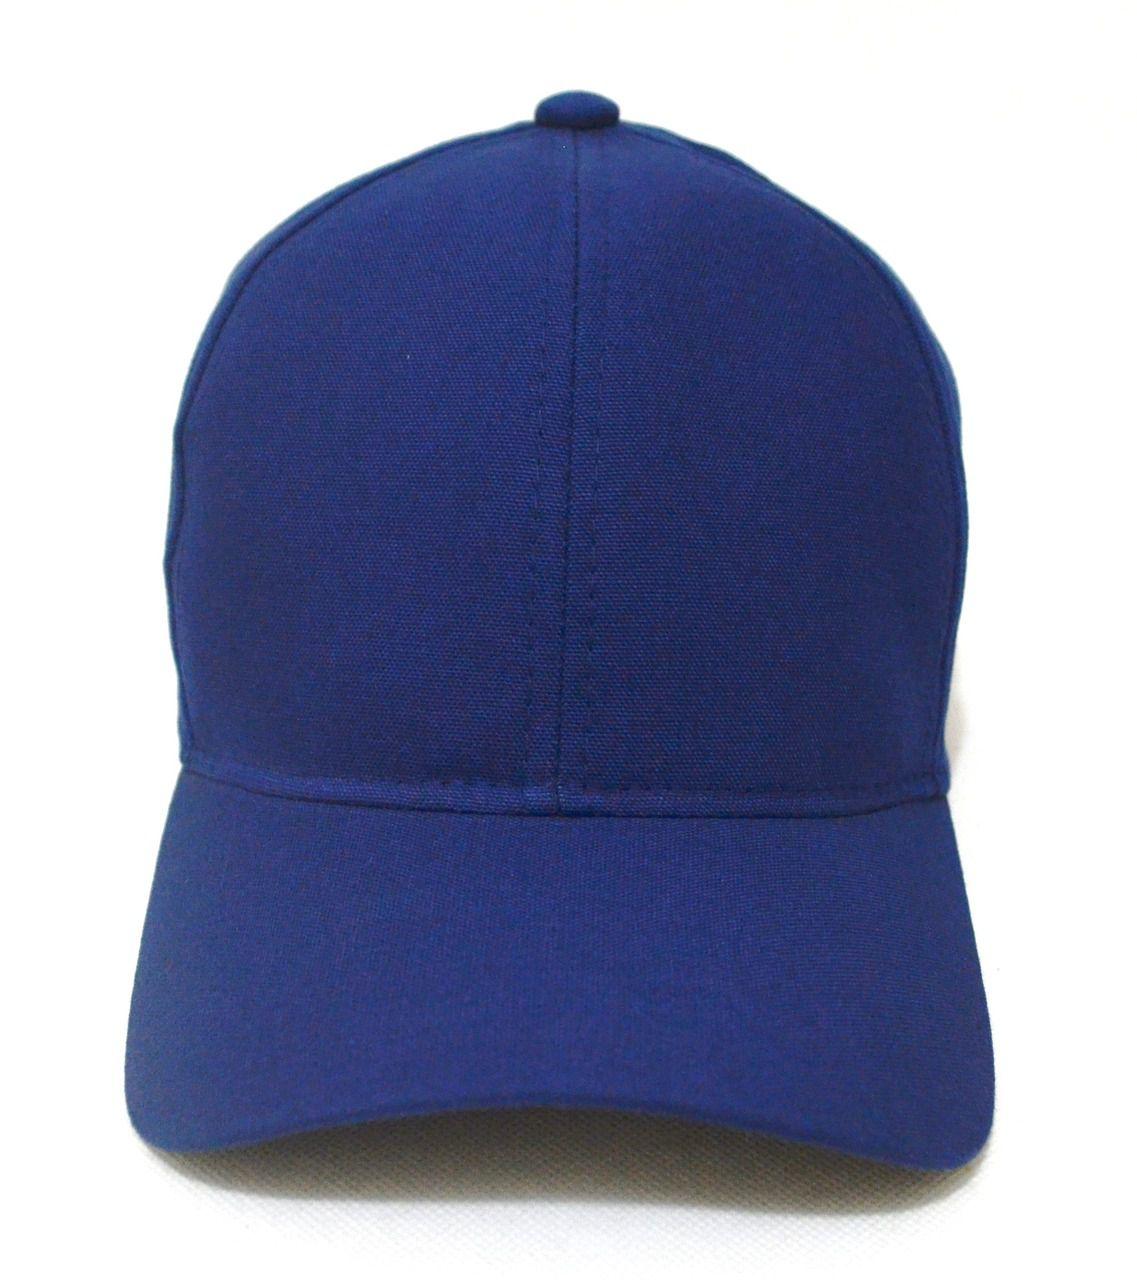 Boné Azul Marinho Liso Sem Estampa Unissex Aba Curva - Super Leve e com Ajuste de Tamanho